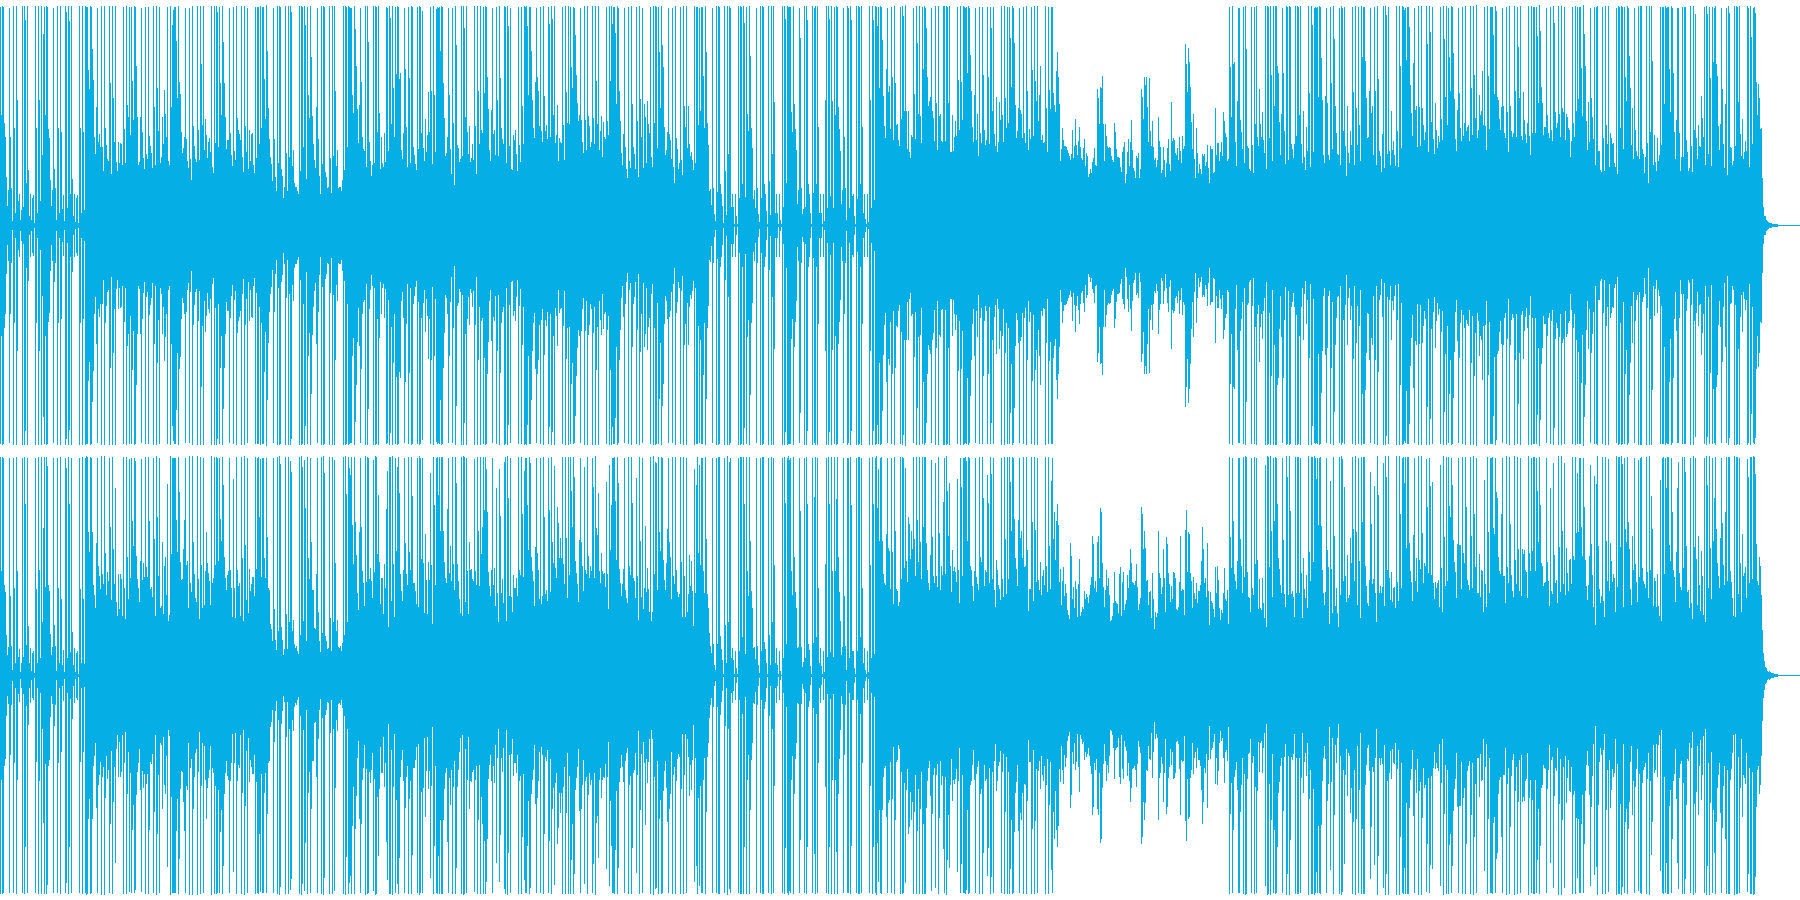 暗い雰囲気のHipHopトラックの再生済みの波形